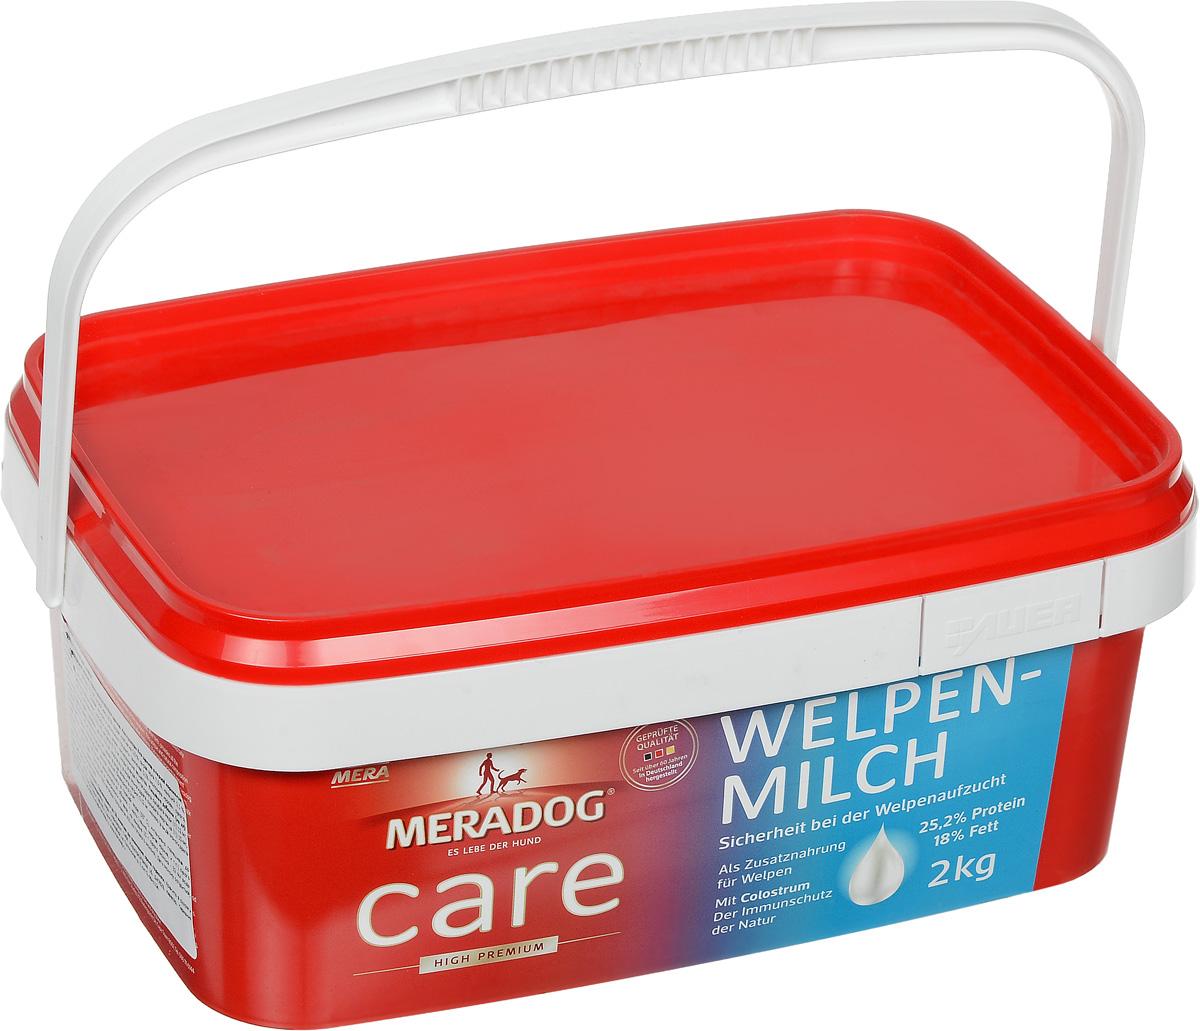 Молоко сухое для щенков Meradog Welpenmilch, 2 кг00000000046Молоко для щенков Meradog Welpenmilch - лучшая замена сучьего молока. Это полноценная еда для щенков. Сухое молоко Meradog Welpenmilch можно использовать как прикорм для щенков в период кормления.ОсобенностиMeradog Welpenmilch:1) Обогащен молозивом - это вещество, вырабатываемое молочными железами животного в первые 3 - 5 дней после родов. Оно является ценнейшим продуктом, так как содержит иммуноглобулины, минеральные вещества, витамины и факторы роста. Благодаря этому ингредиенту у щенка формируется сильный природный иммунитет.2) Специально подобранные жиры и масла обеспечивают щенка ненасыщенными жирными кислотами, необходимыми для поддержания жизненно важных функций организма. Высокое содержание витаминов и микроэлементов завершает сбалансированную формулу питательных веществ молока для щенков.3) Произведено и упаковано в Германии.Состав: молоко и молочные продукты (включая 0,1% молозива коровы, сухого, насыщенного иммуноглобулинами), масла и жиры, злаки, минеральные вещества.Товар сертифицирован.